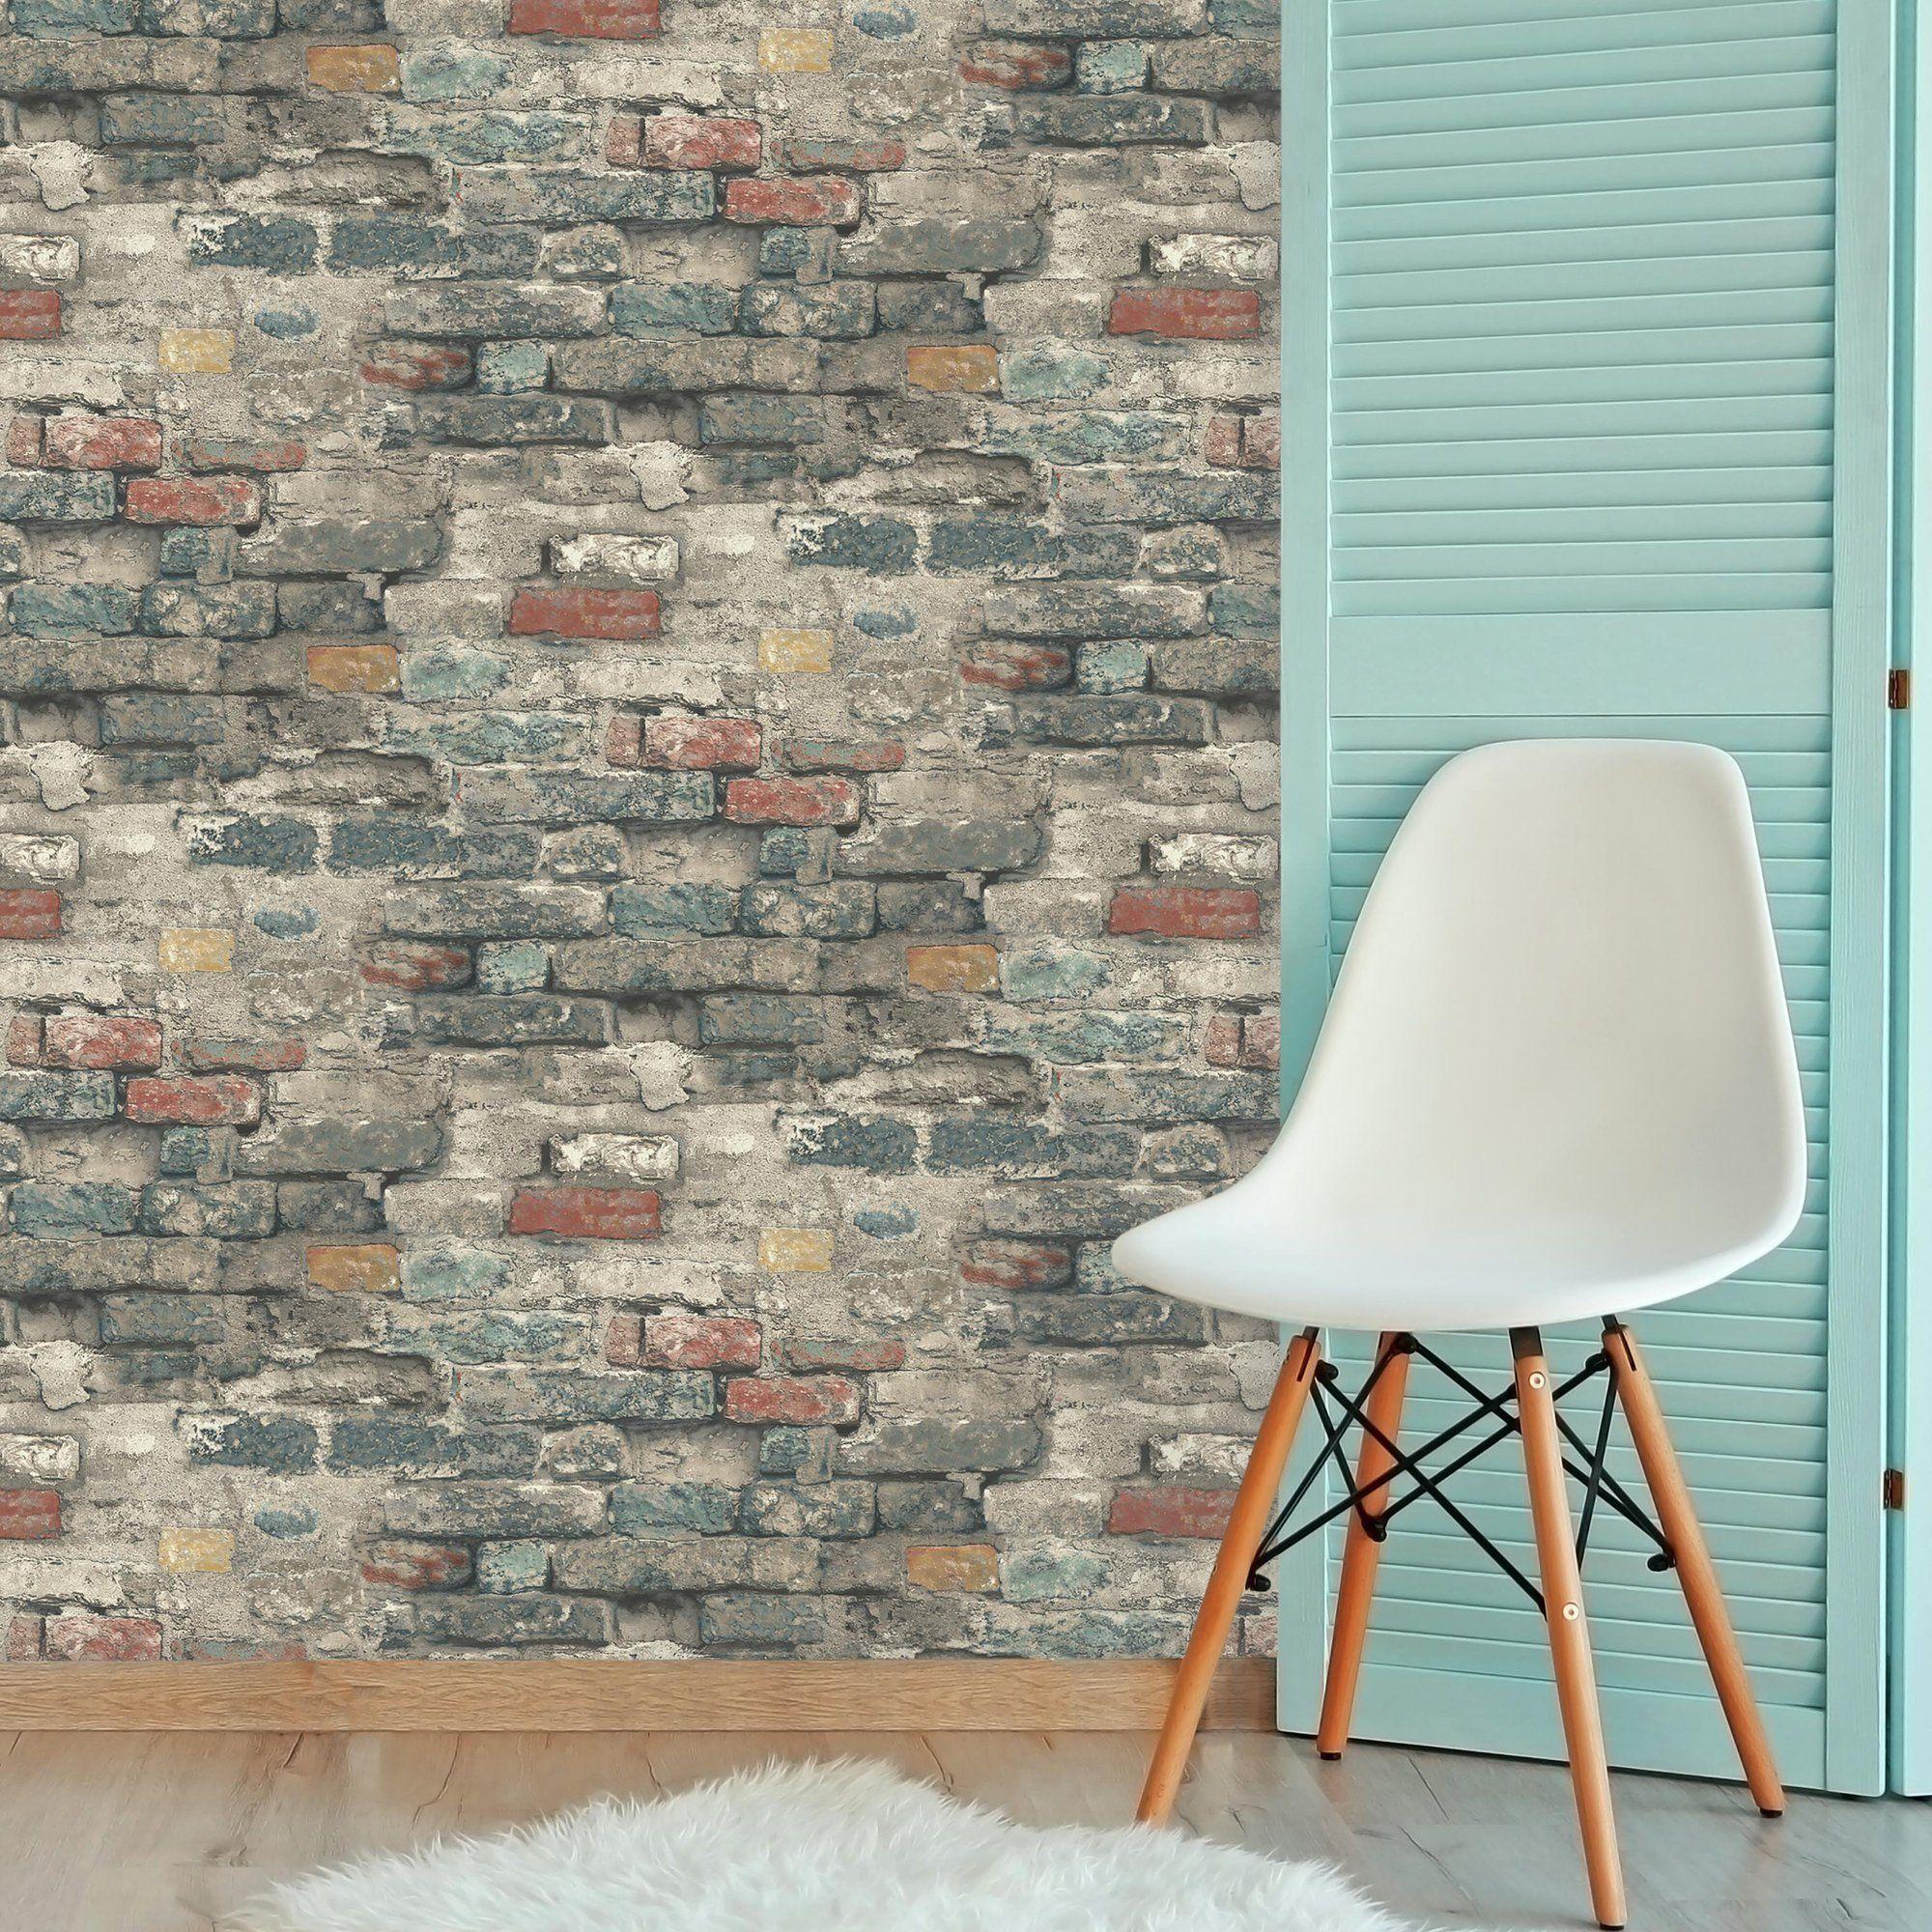 Roommates Brick Alley Peel Stick Wallpaper Walmart Com Peel And Stick Wallpaper Brick Wallpaper Brick Accent Walls